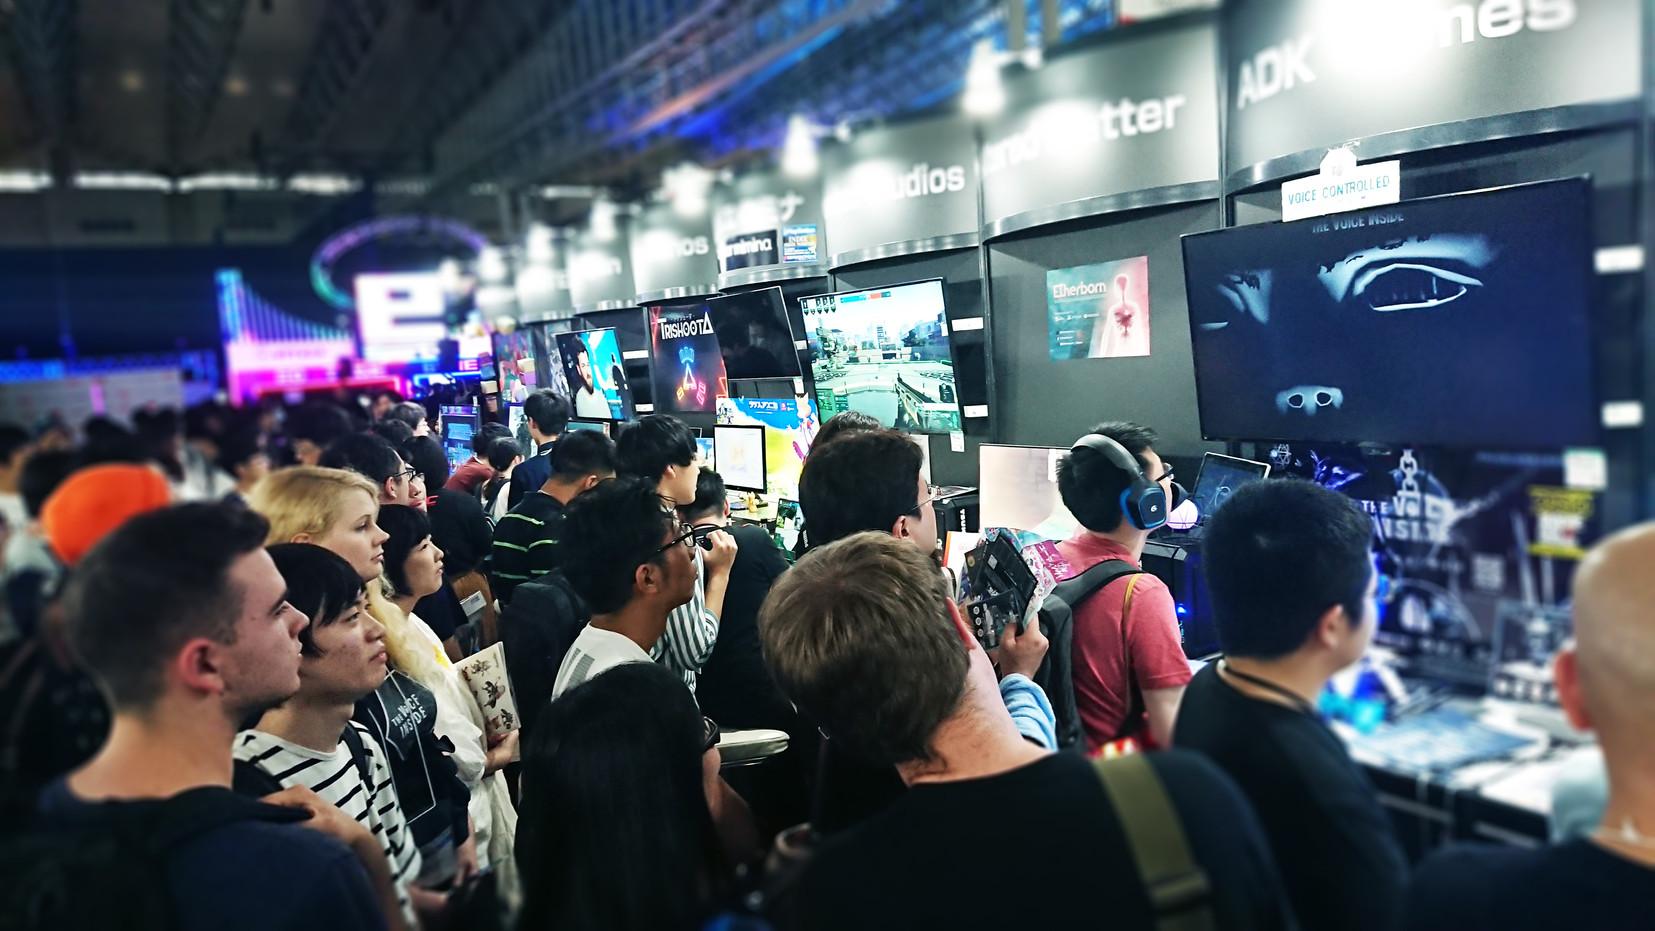 TGS crowd_s.jpg